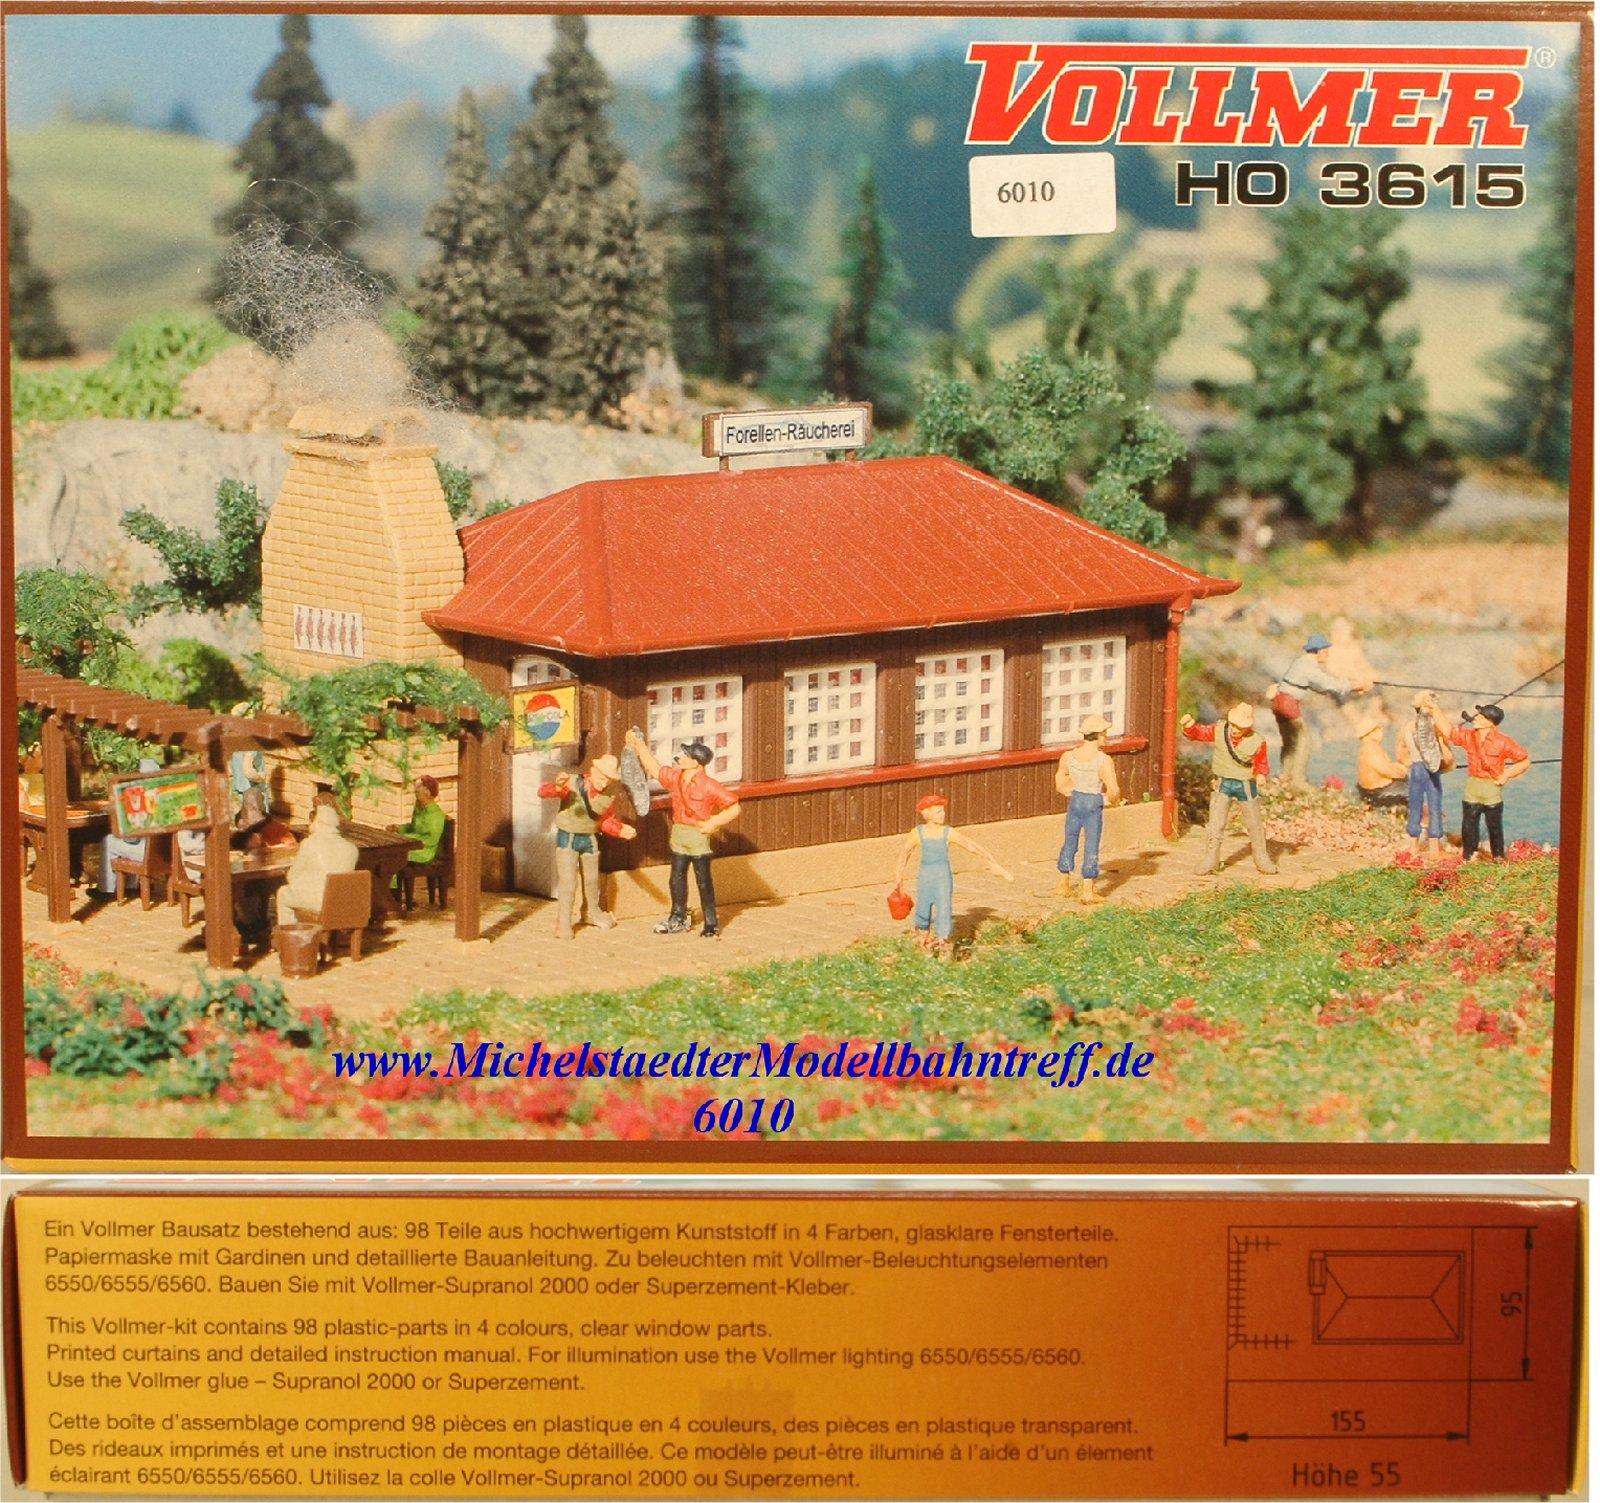 """(Neu) Vollmer H0 3615 Bausatz """"Forellen-Räucherei"""", (6010)"""